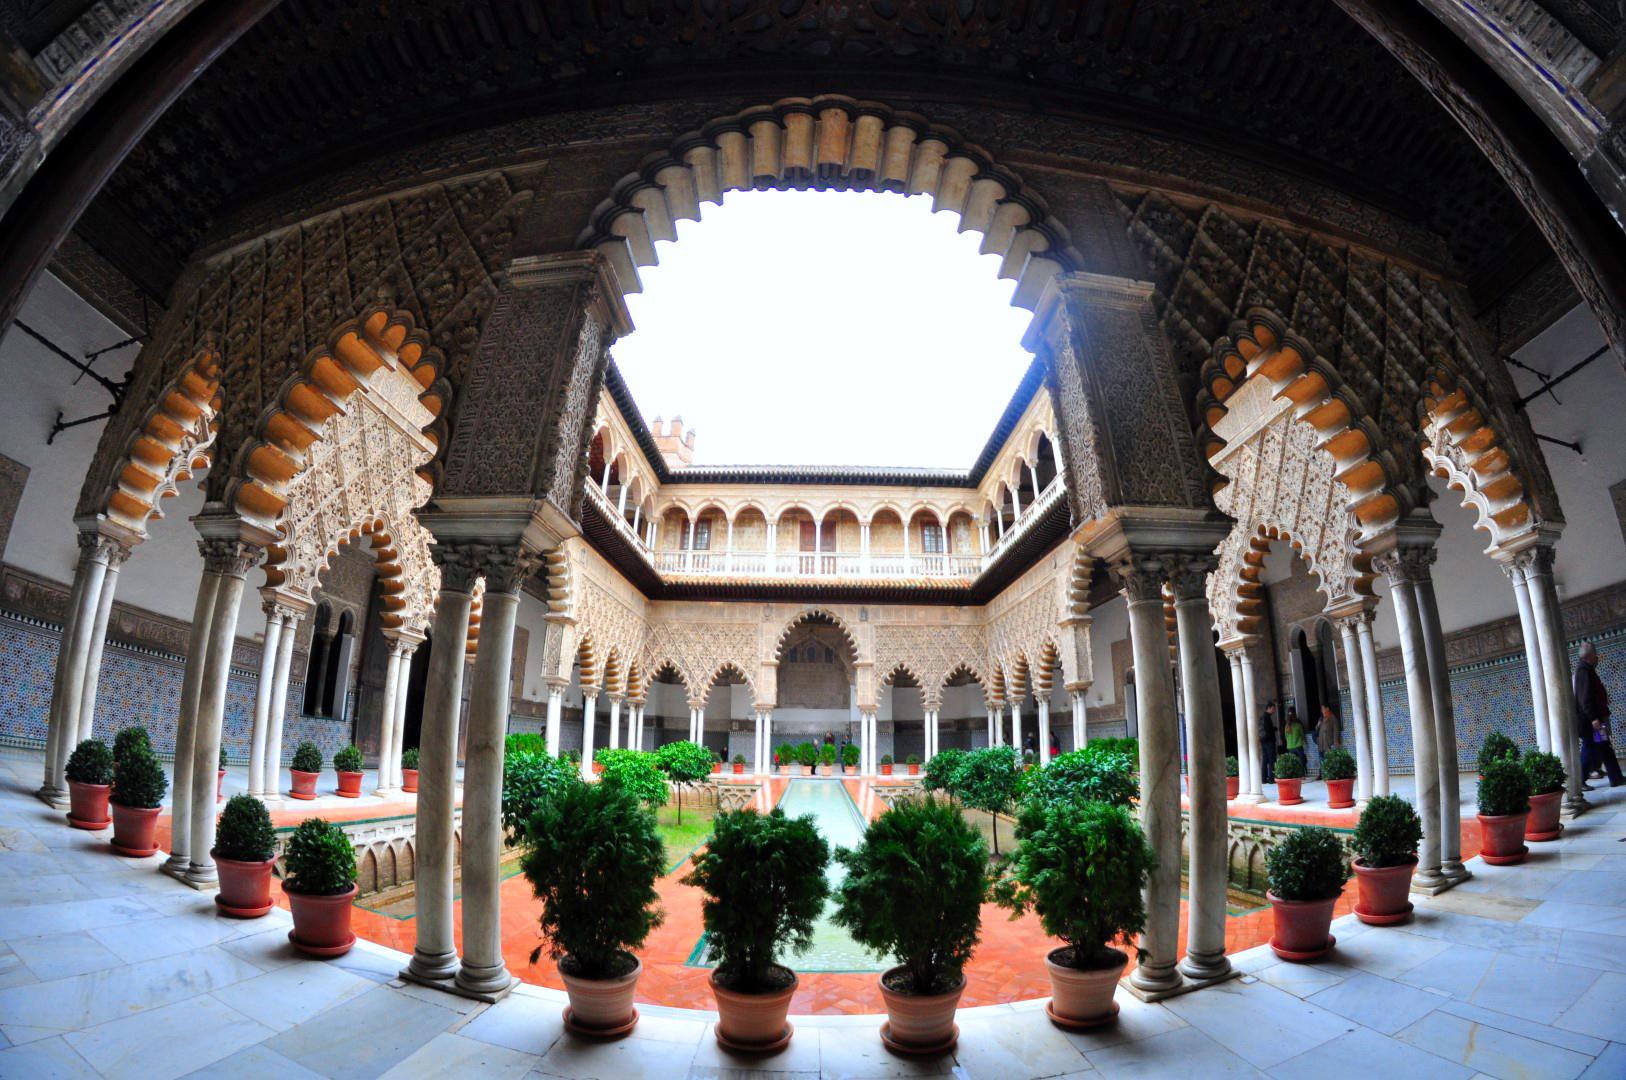 Qué ver en Sevilla, España - What to see in Sevilla, Spain qué ver en sevilla - 30706404463 559de8c5c9 o - Qué ver en Sevilla